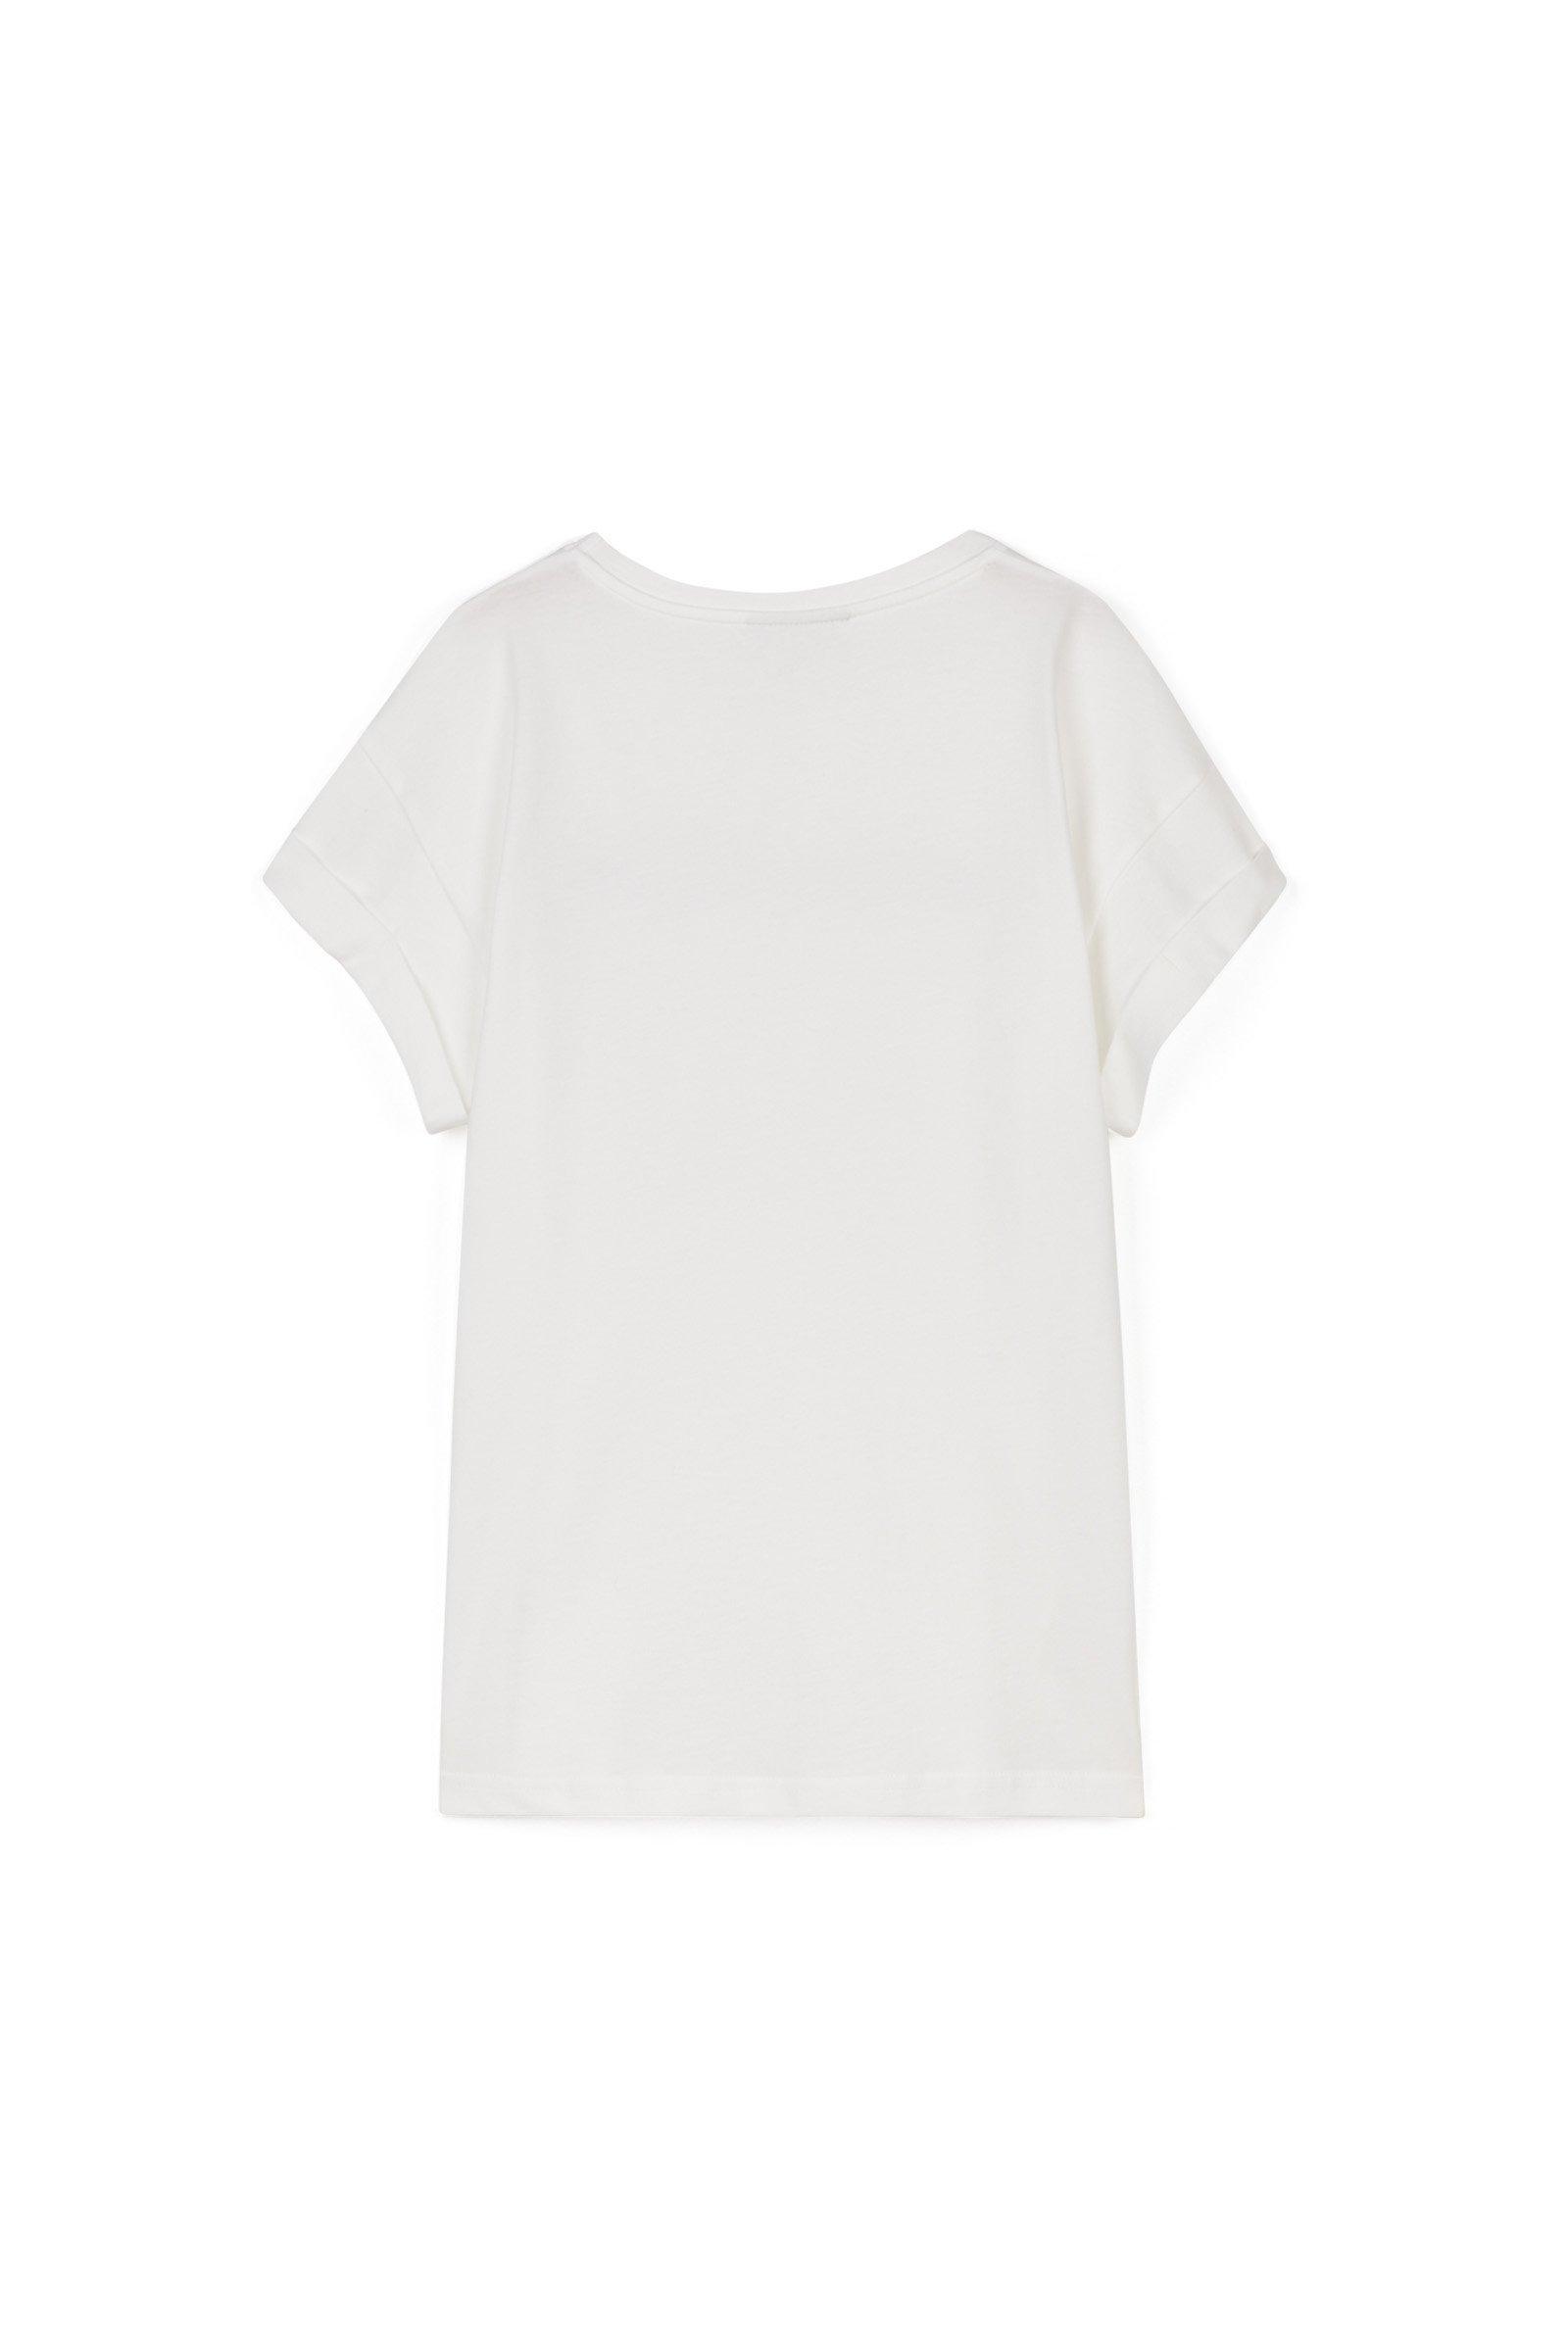 https://webmedia.cks-fashion.com/i/cks/124548ASM_100_h